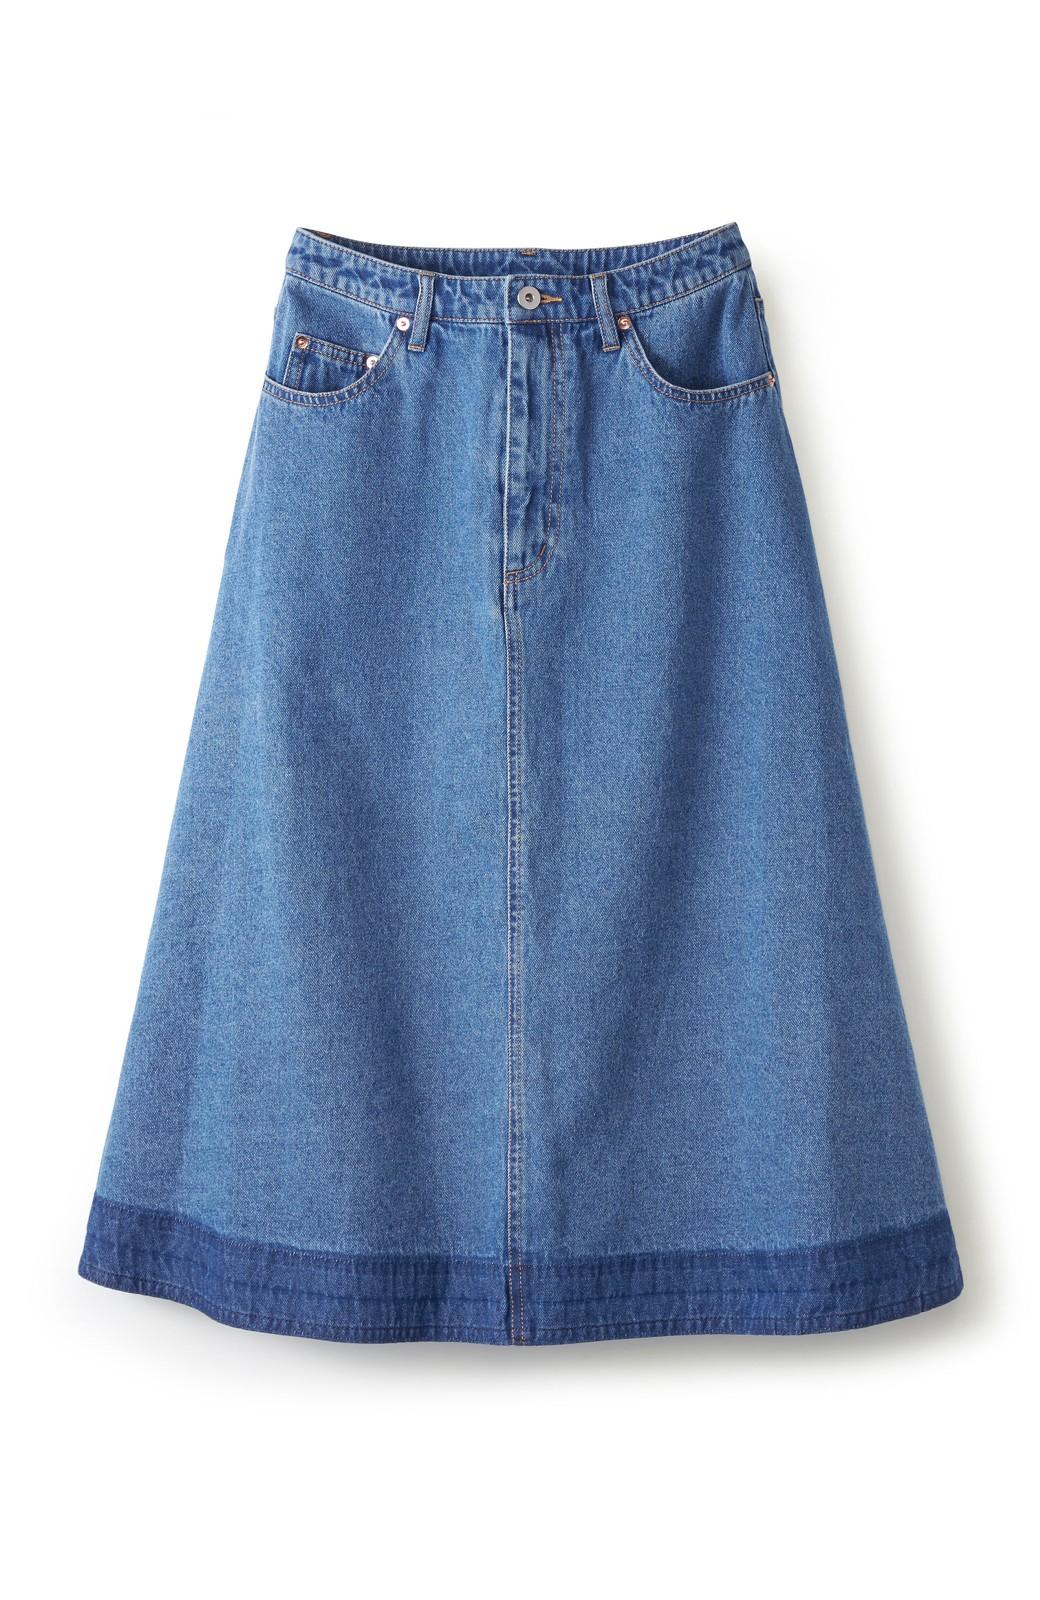 nusy 裾配色のミモレ丈デニムスカート <ライトインディゴブルー>の商品写真1